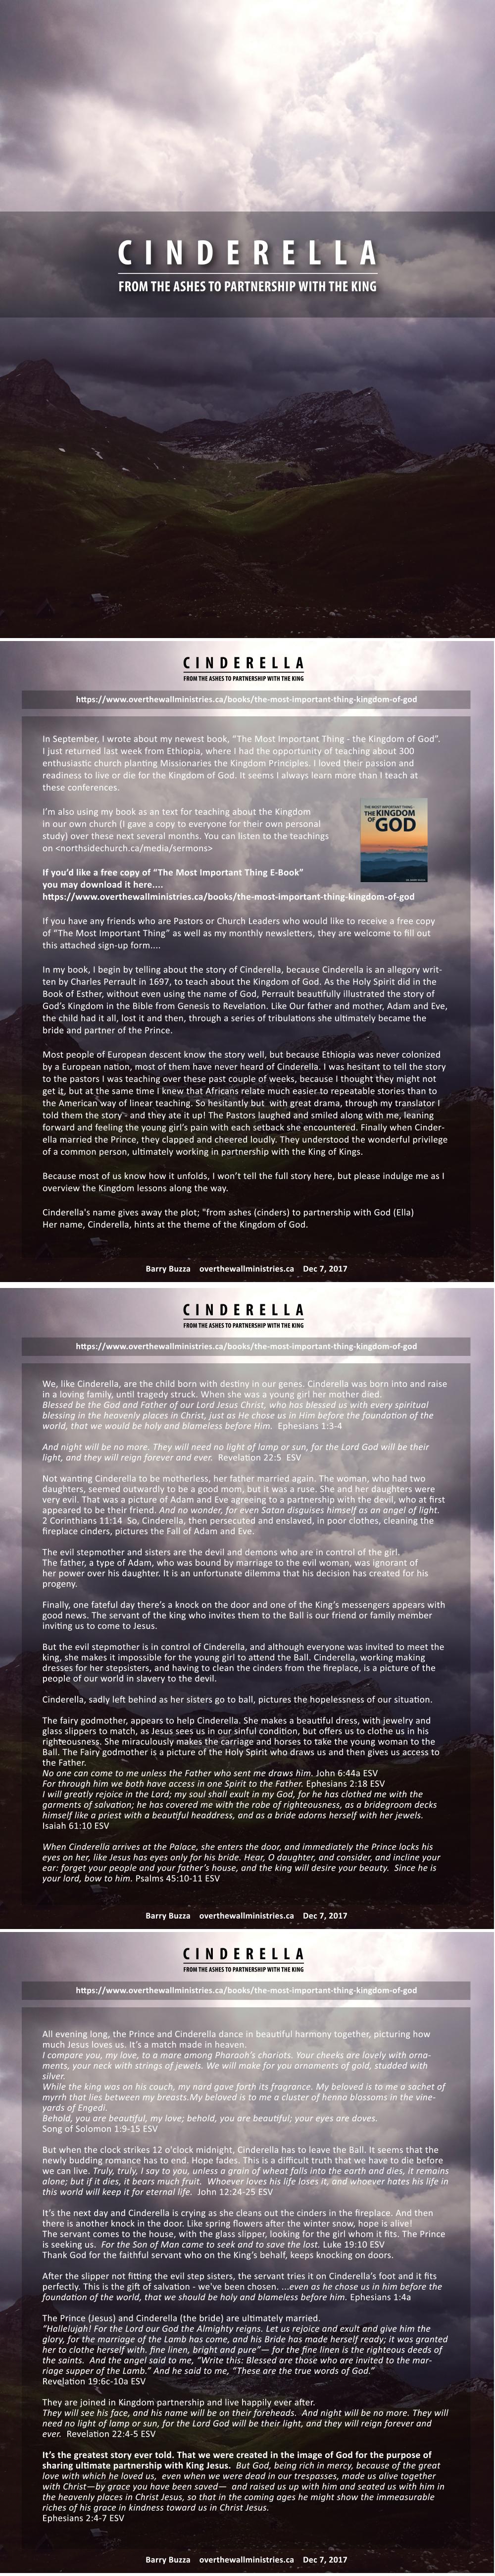 #9_cinderella_ALLPAGES.jpg